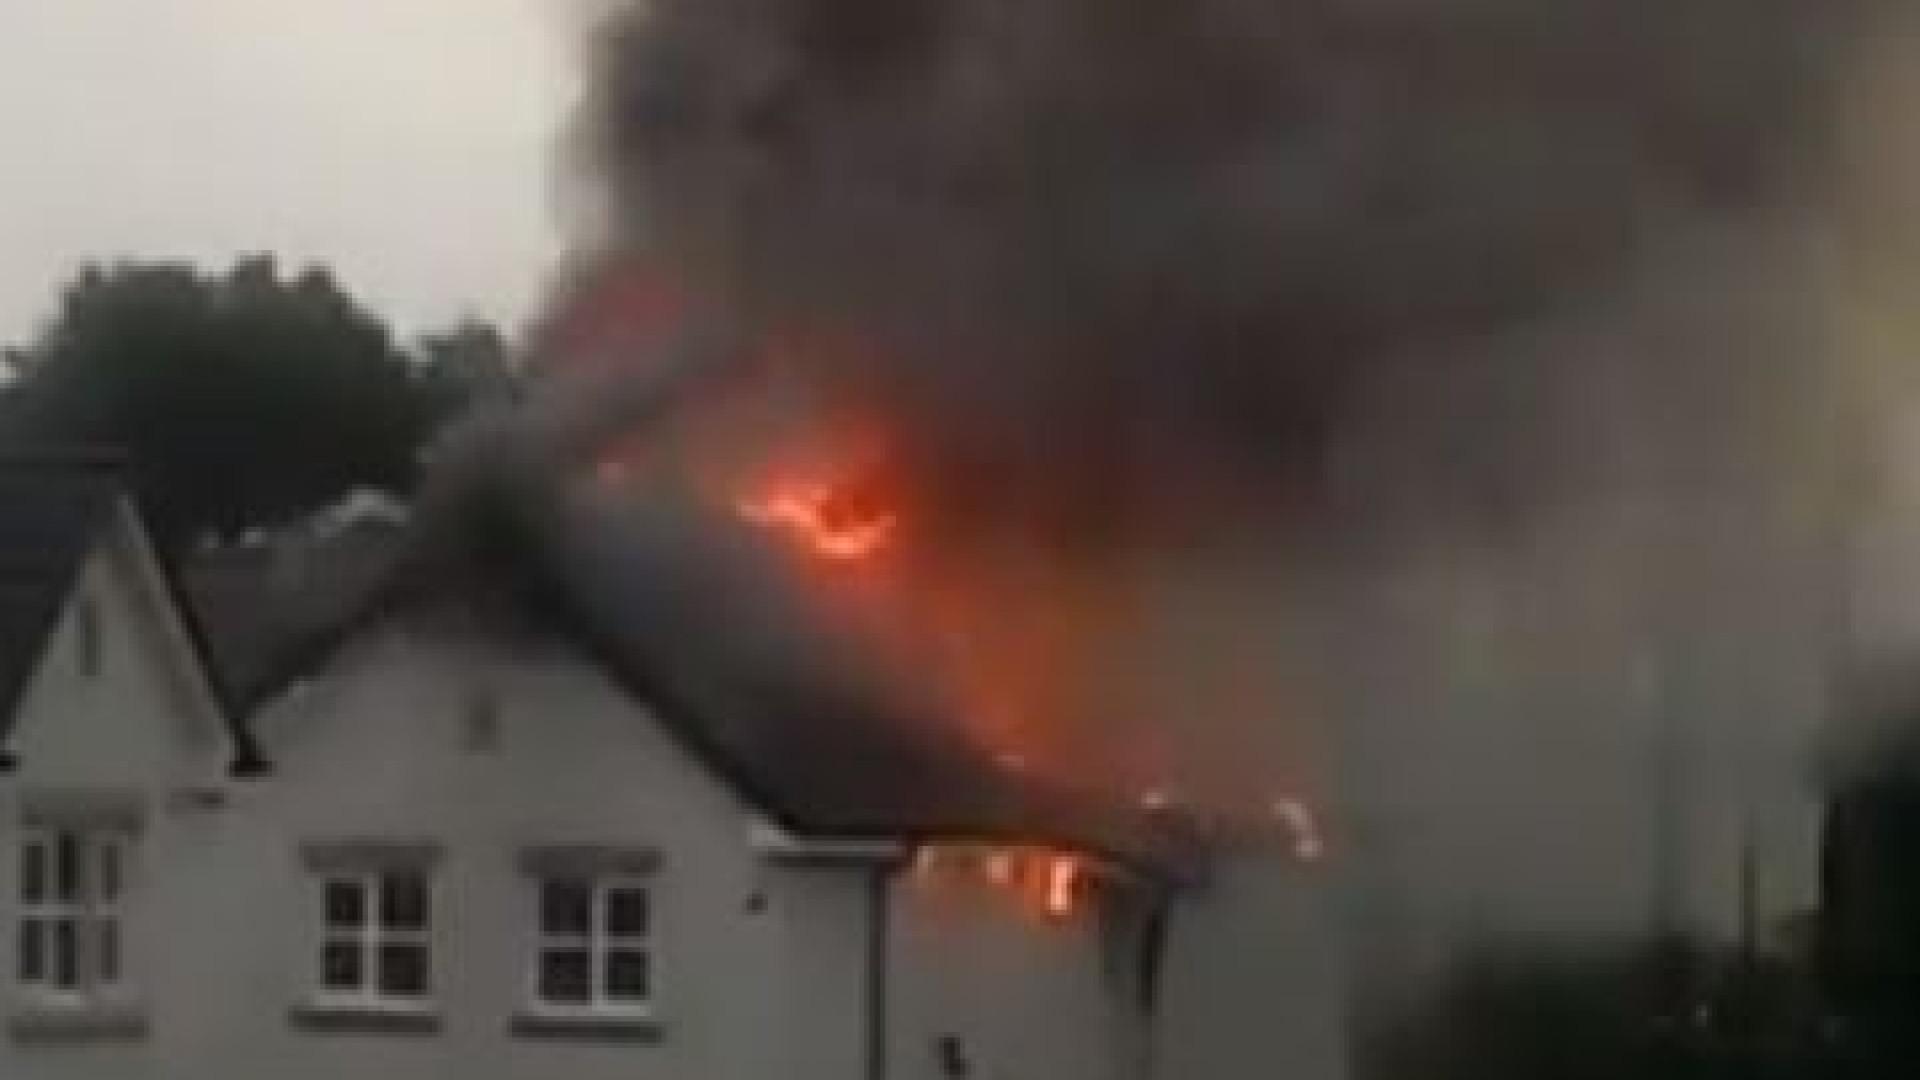 Casa destruída pelas chamas após ser atingida por raio